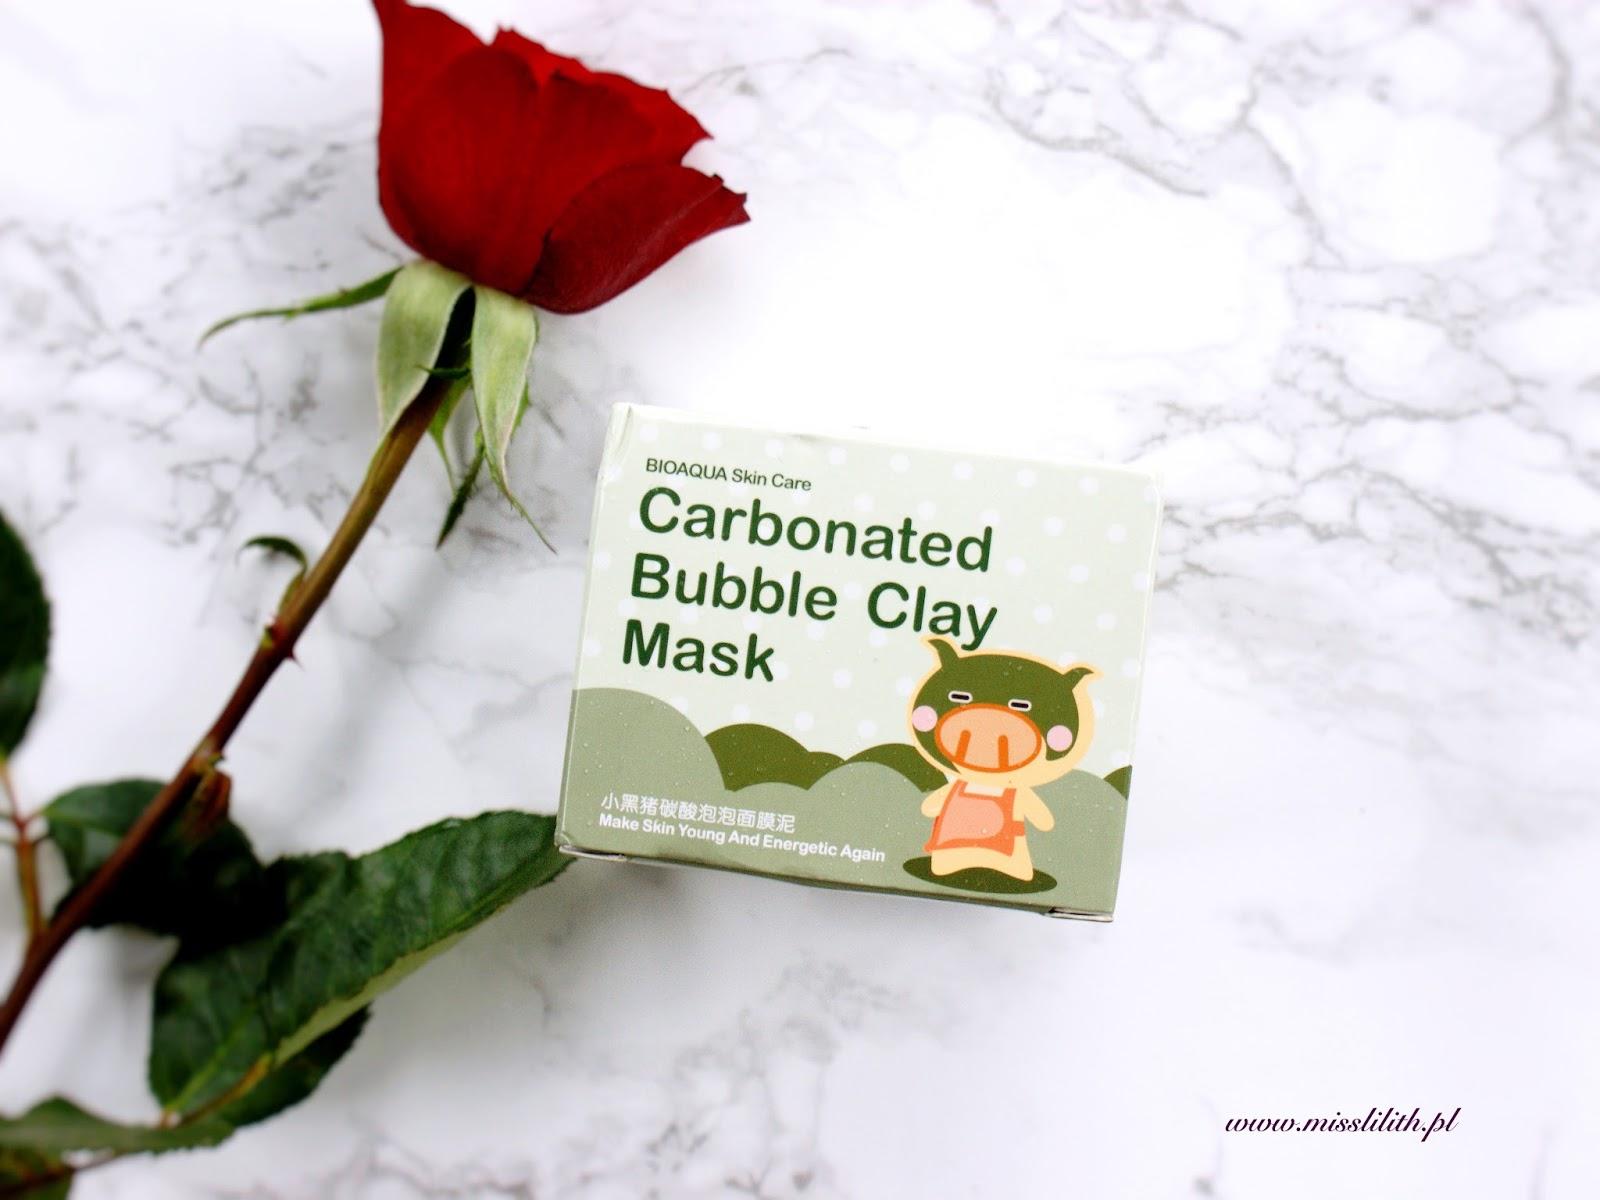 Ulubieńcy września 2016. Bioaqua bąbelkująca maseczka oczyszczająca Carbonated Bubble Clay Mask